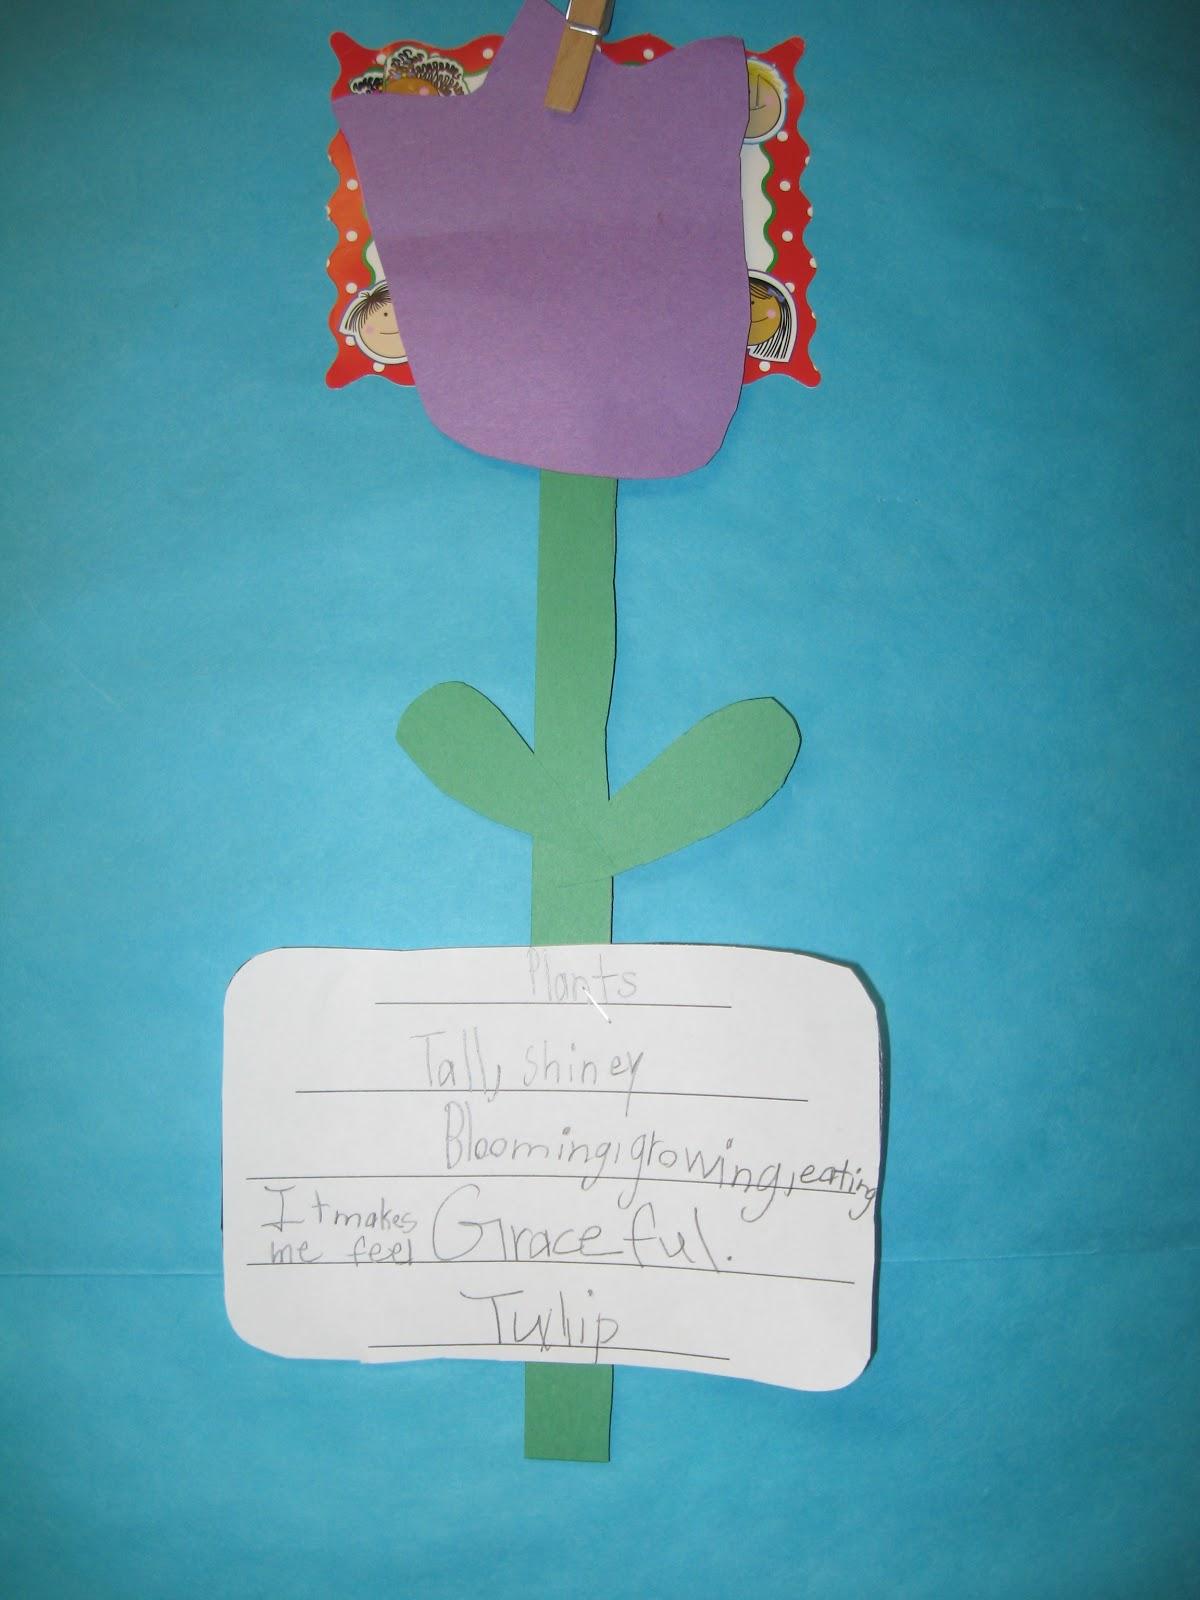 cinquain poem about flowers - photo #43